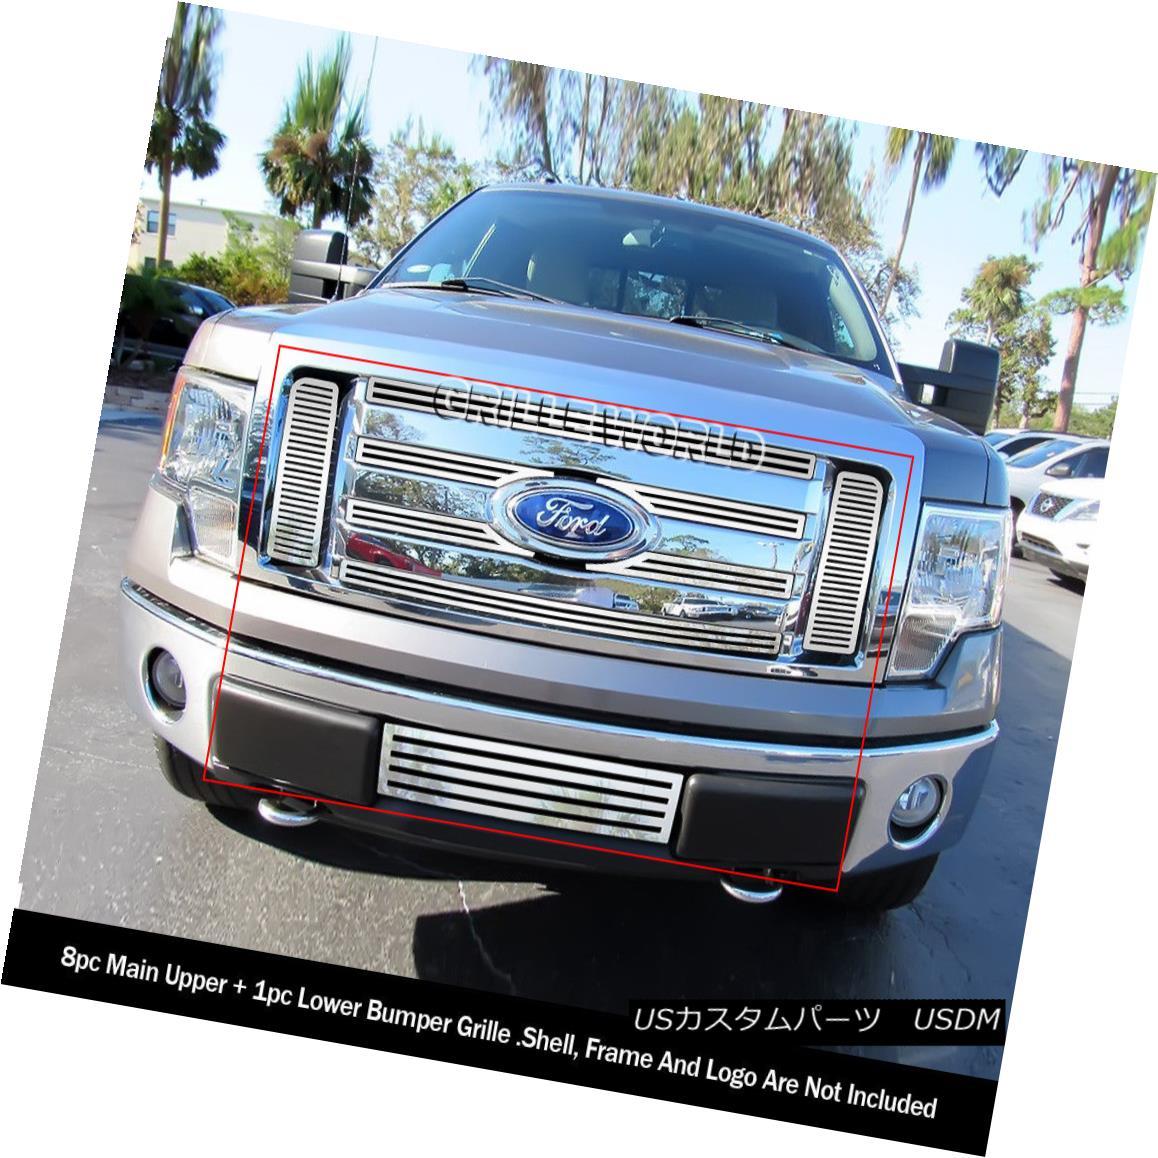 グリル For 2009-2012 Ford F-150 XL/XLT/STX Perimeter Cut Billet Grille Combo 2009?2012年フォードF-150 XL / XLT / STXペリメーターカットビレットグリルコンボ用